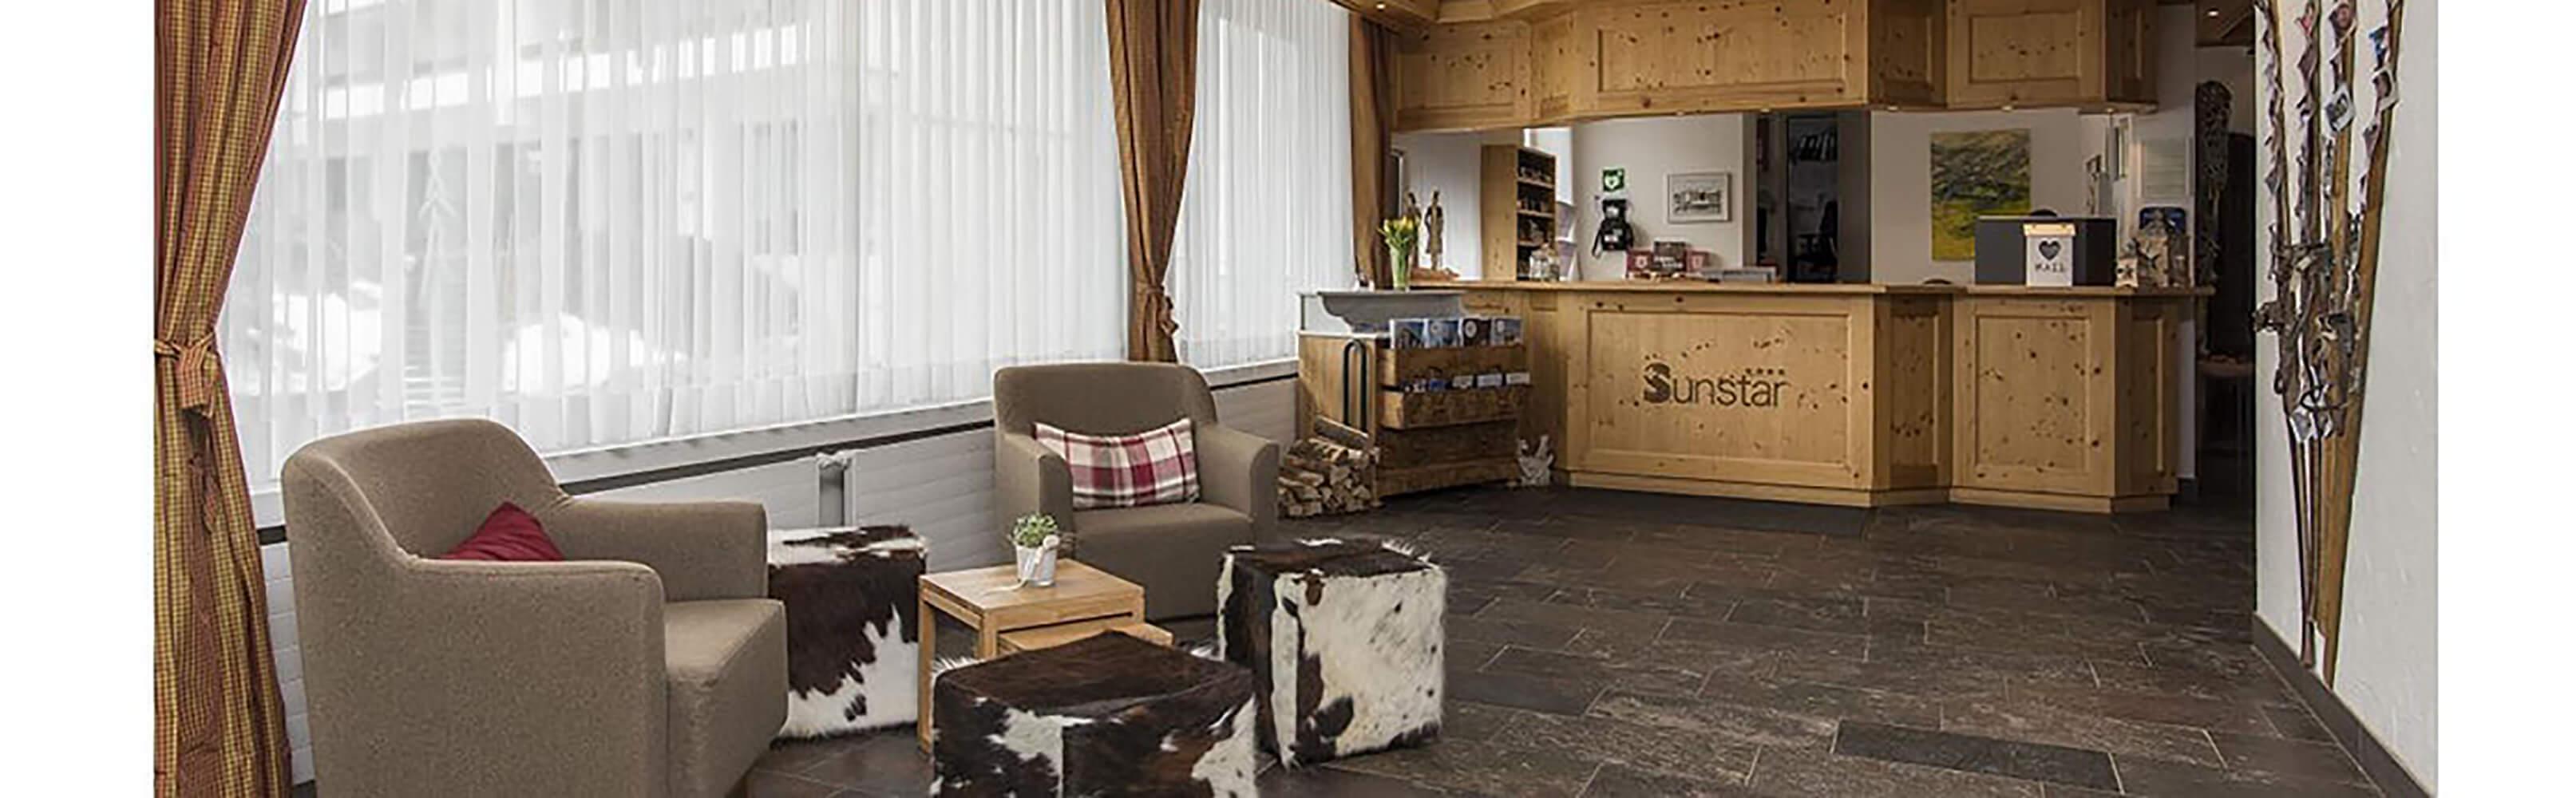 Lenzerheide - Sunstar Alpine Hotel 1